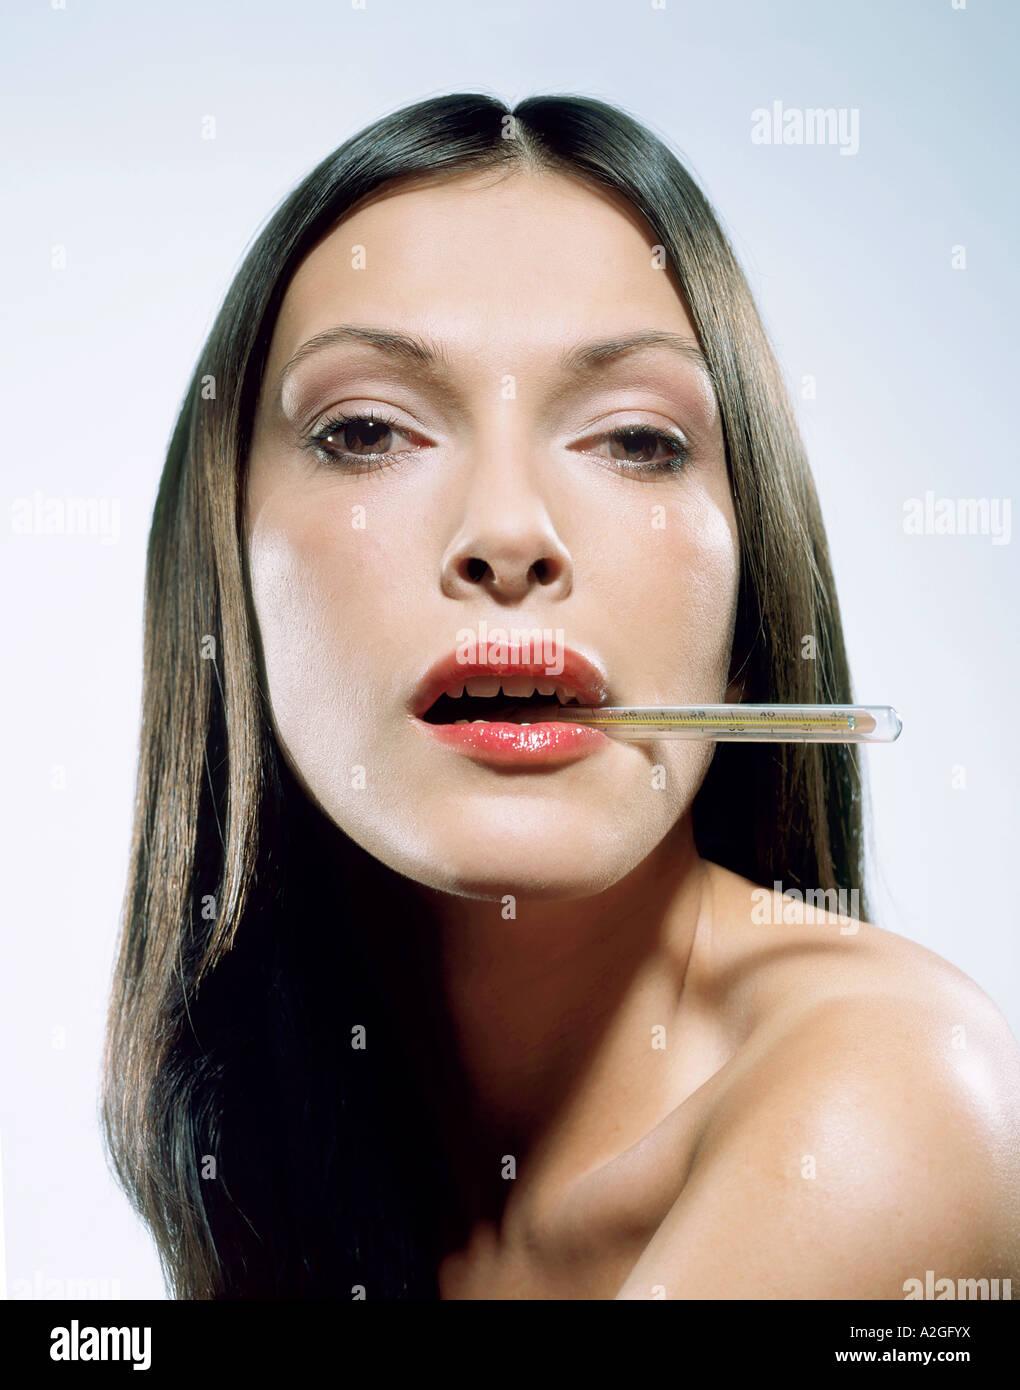 1216635 indoor Studio junge Frau 25 30 brünette Haare lange Thermometer nehmen Temperatur Fieber kalten Mund Stockbild